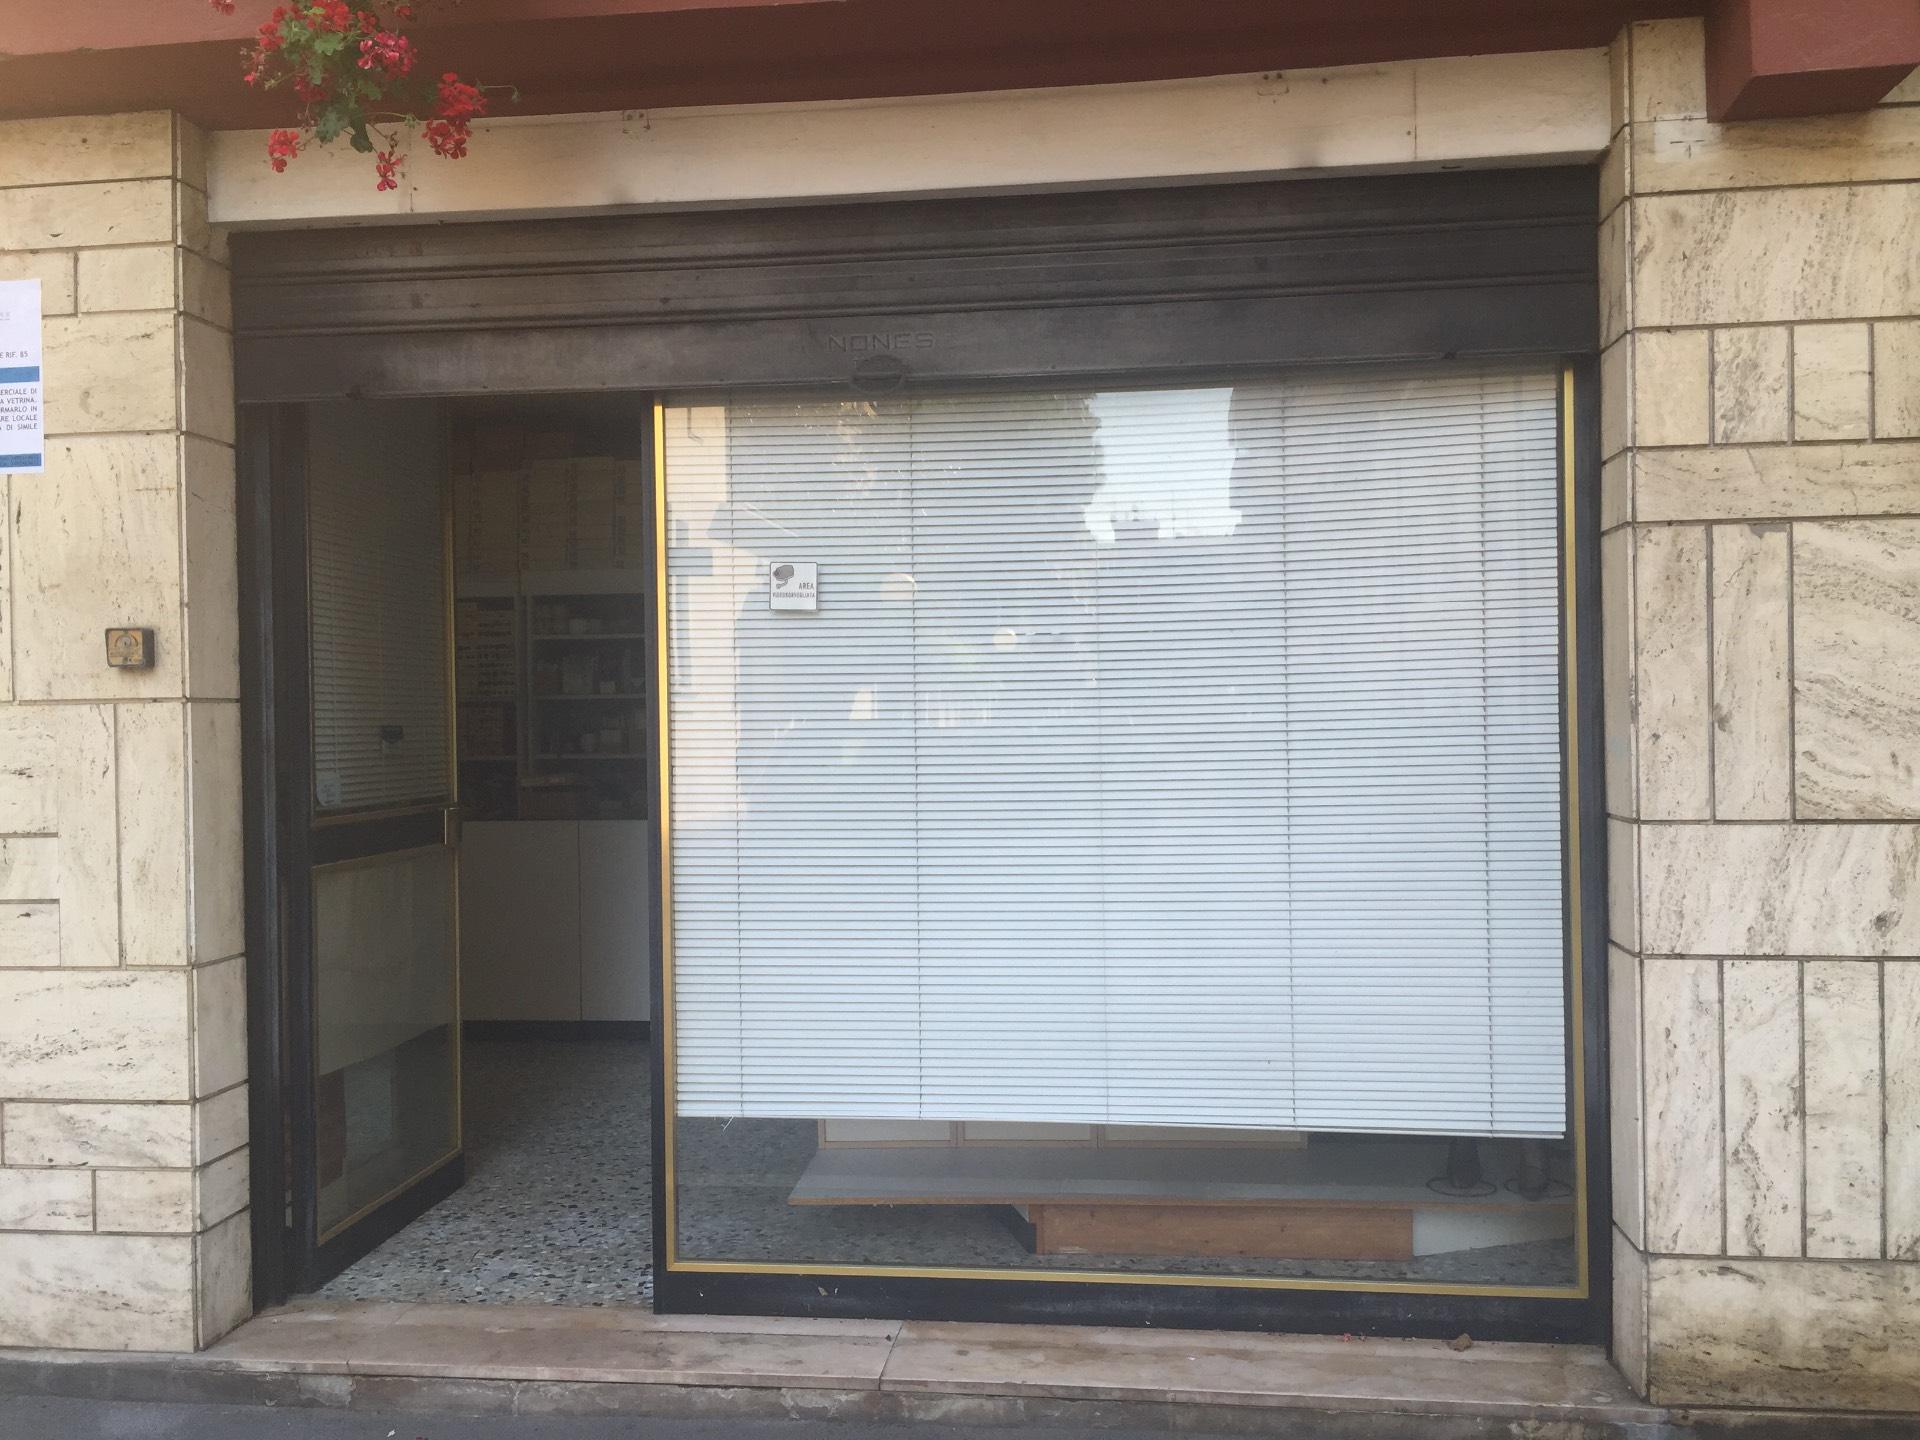 Negozio / Locale in vendita a Pescara, 9999 locali, zona Zona: Centro, prezzo € 70.000 | Cambio Casa.it